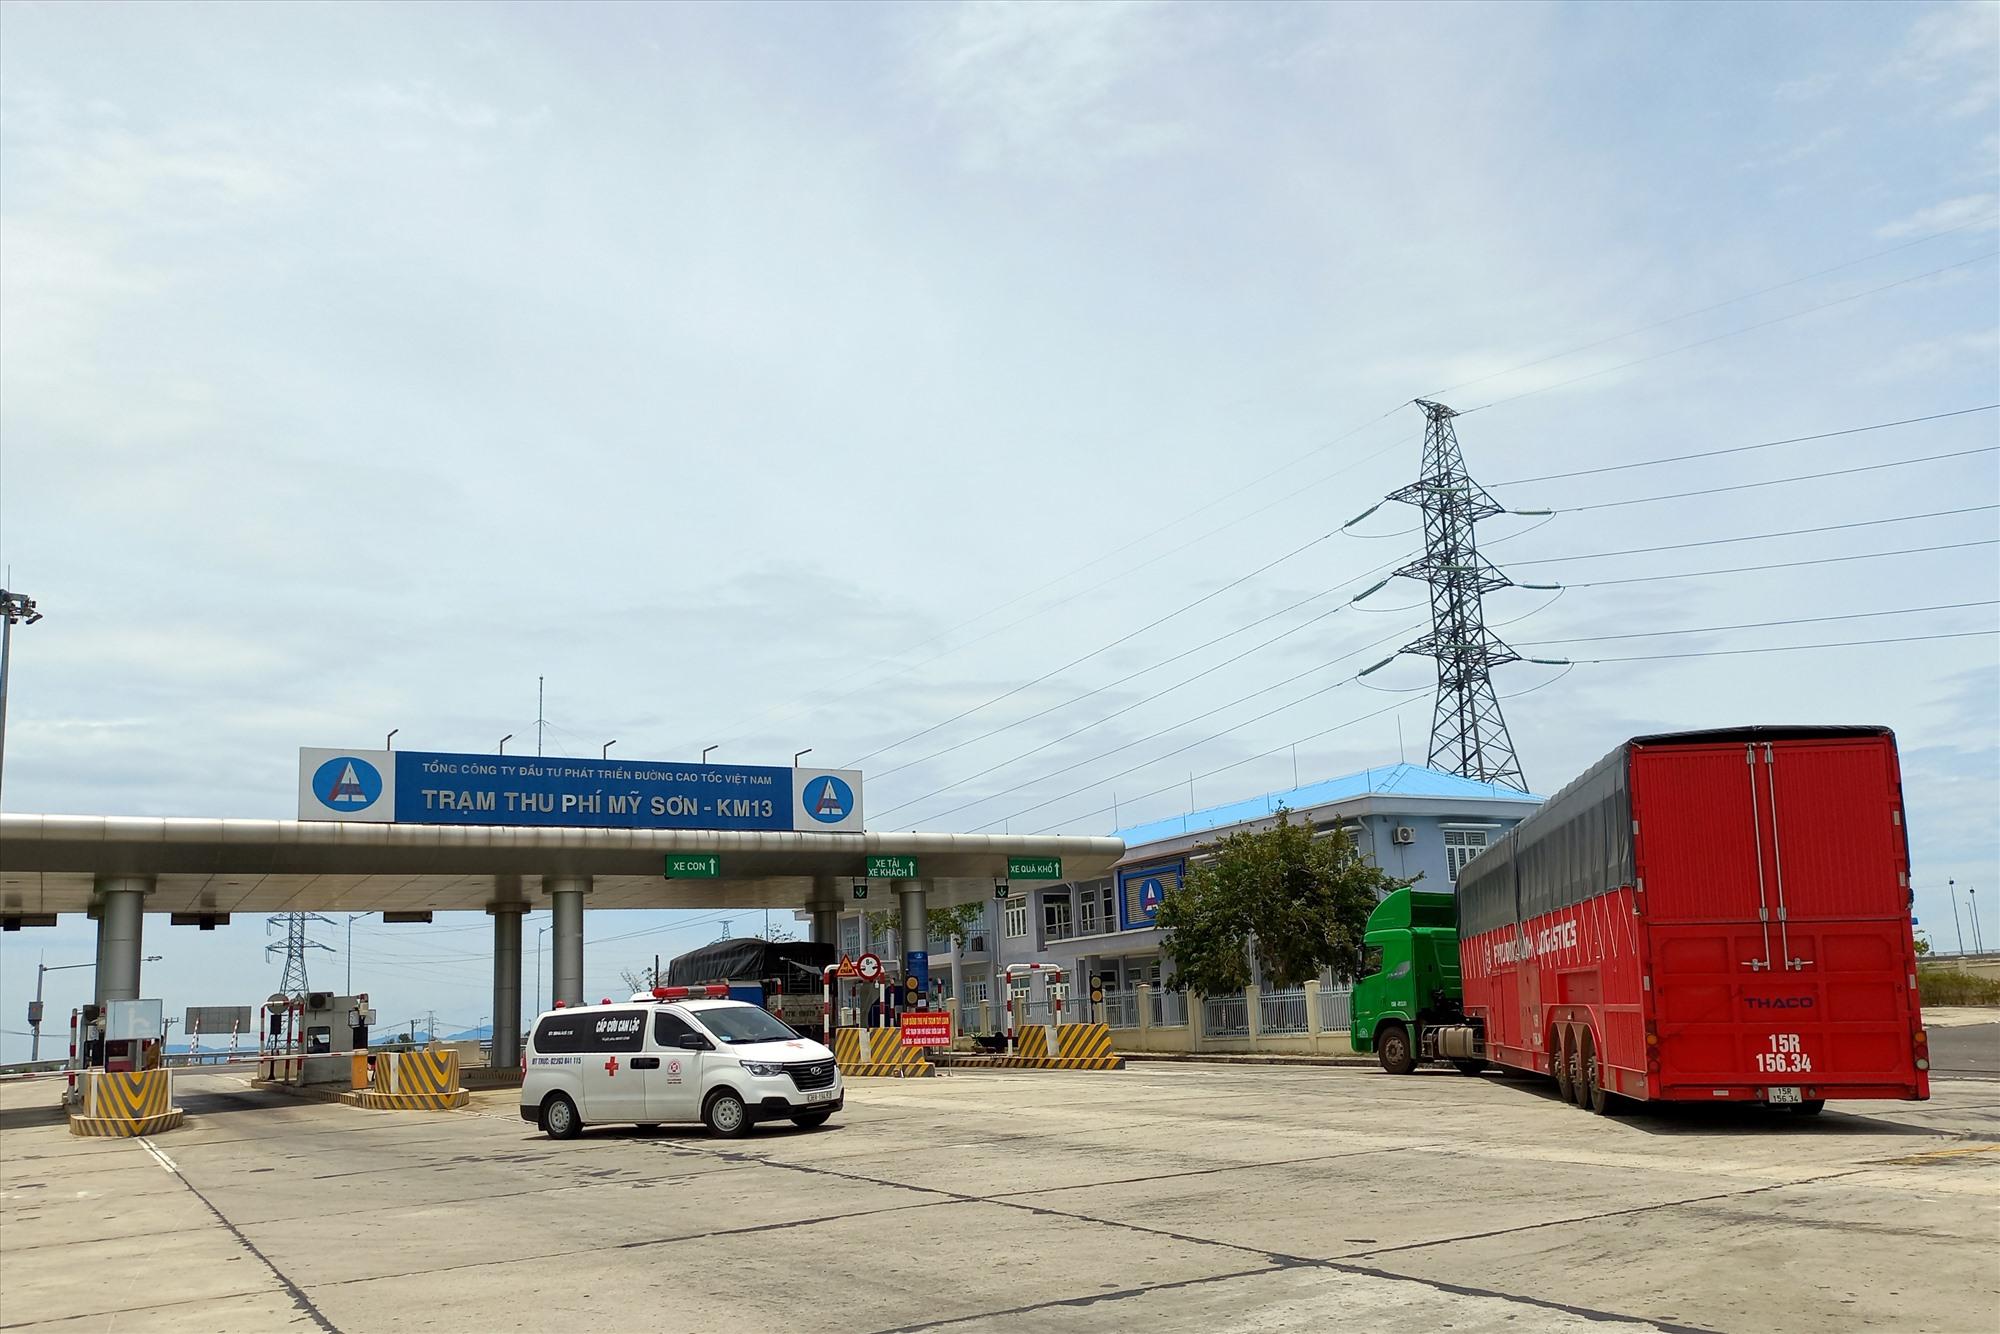 Xe không dừng đỗ tại Quảng Nam được đề nghị quay đầu lên lại cao tốc tiếp tục hành trình. Ảnh: CT